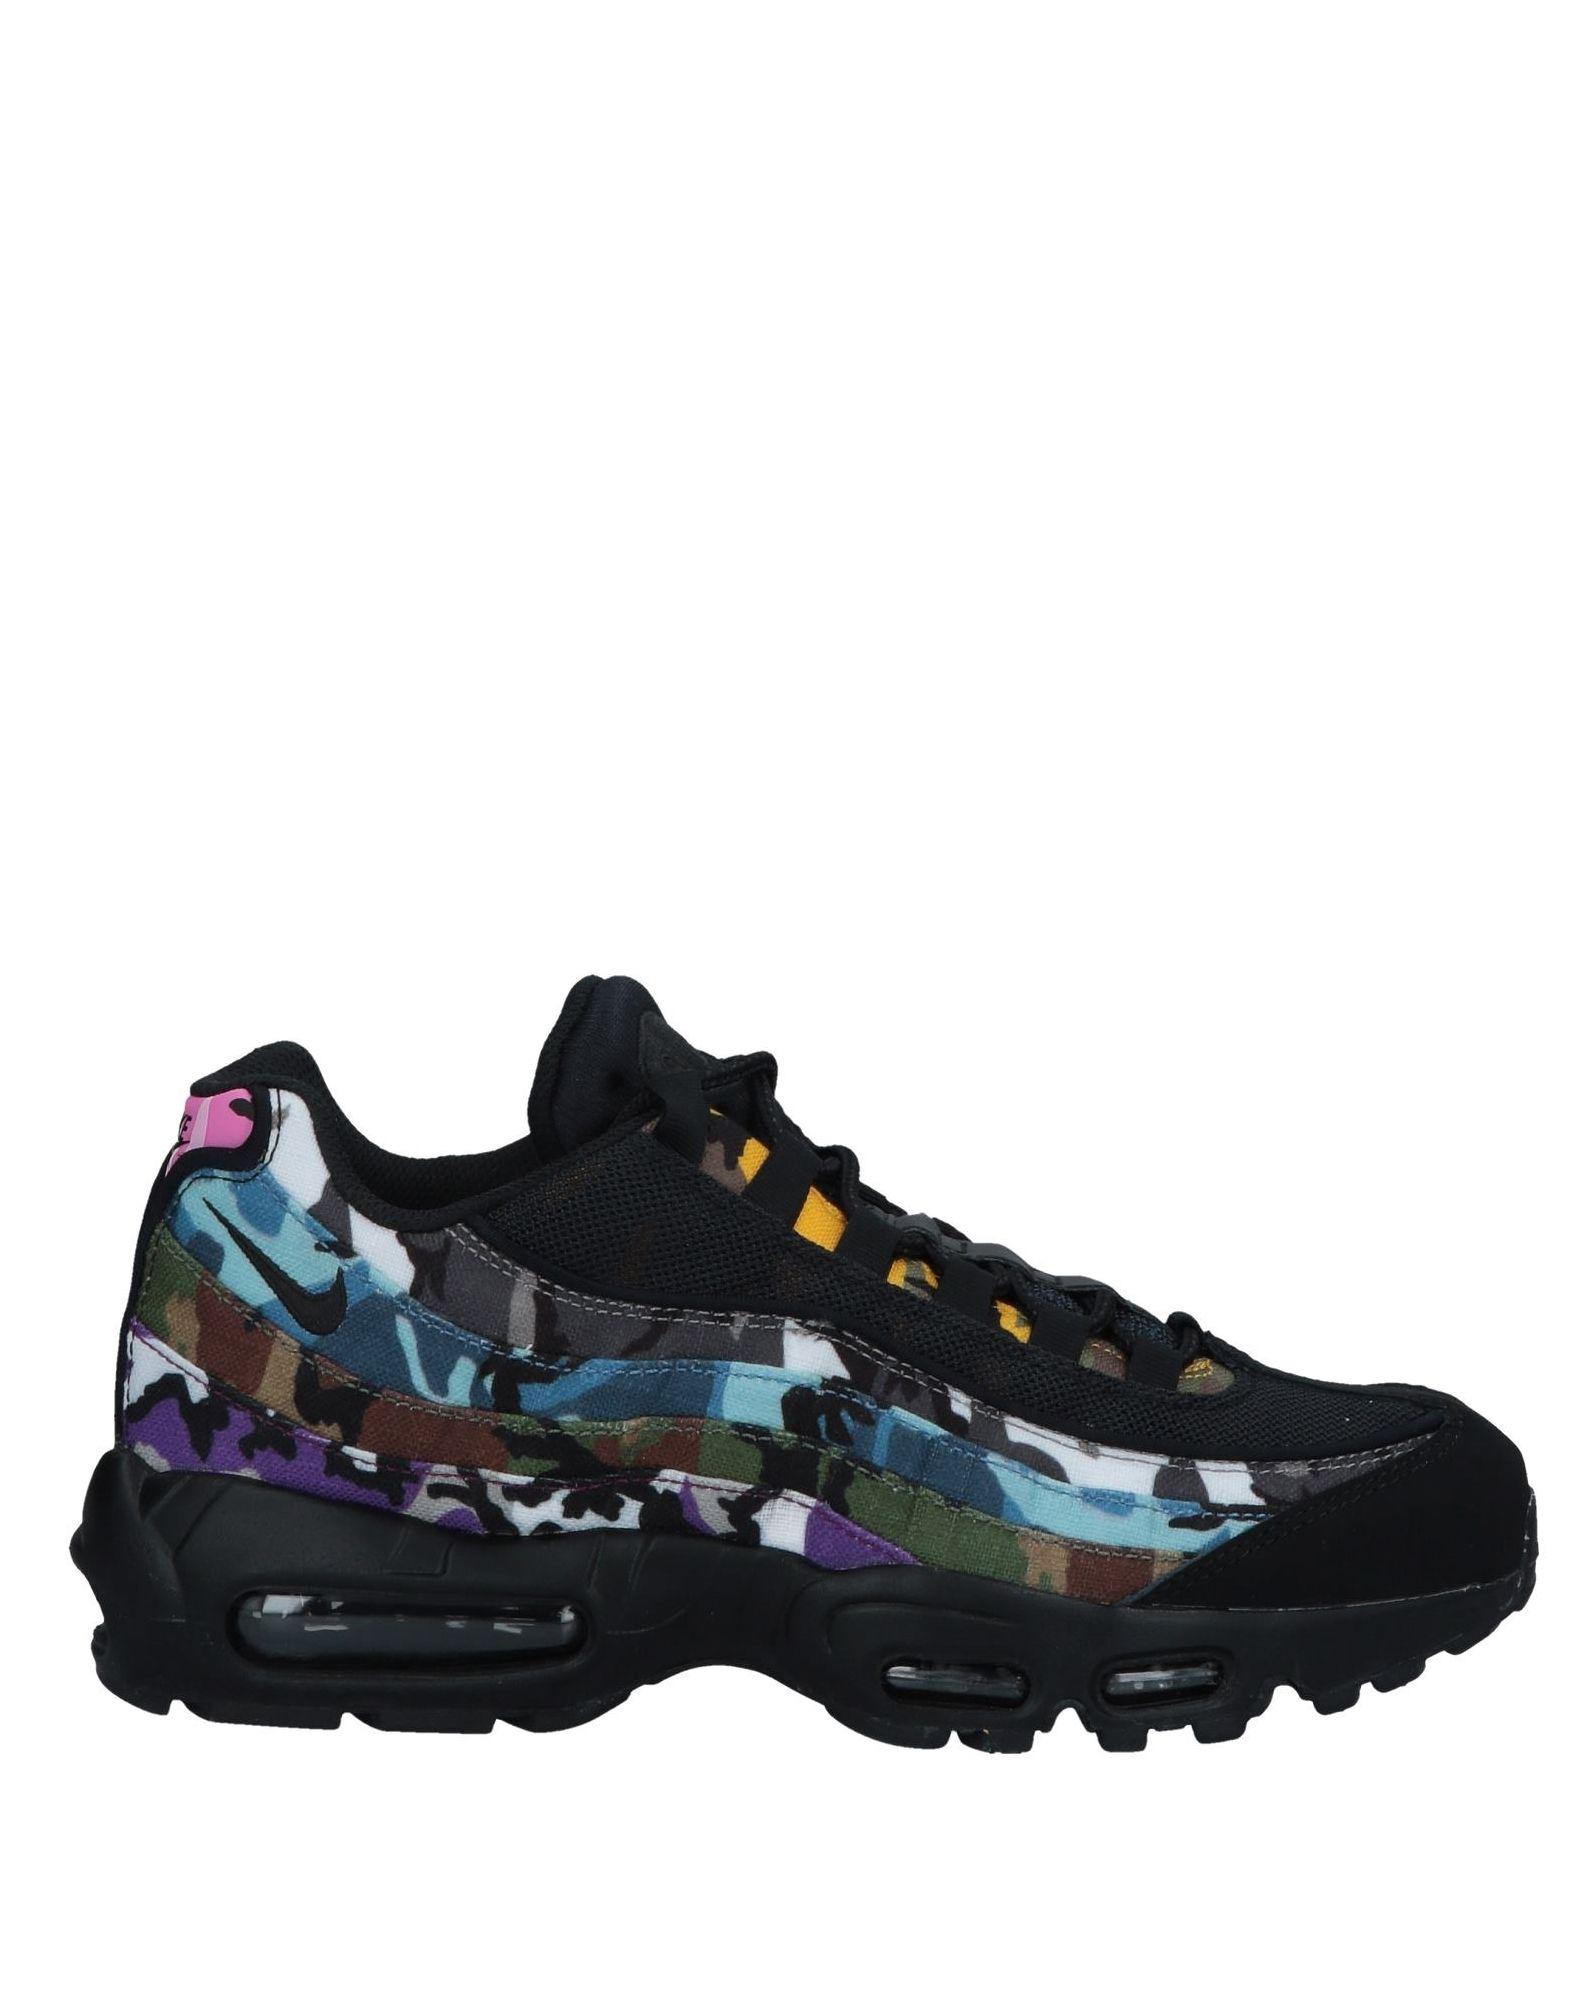 3538429562aa7 Nike Sneakers In Black. yoox.com